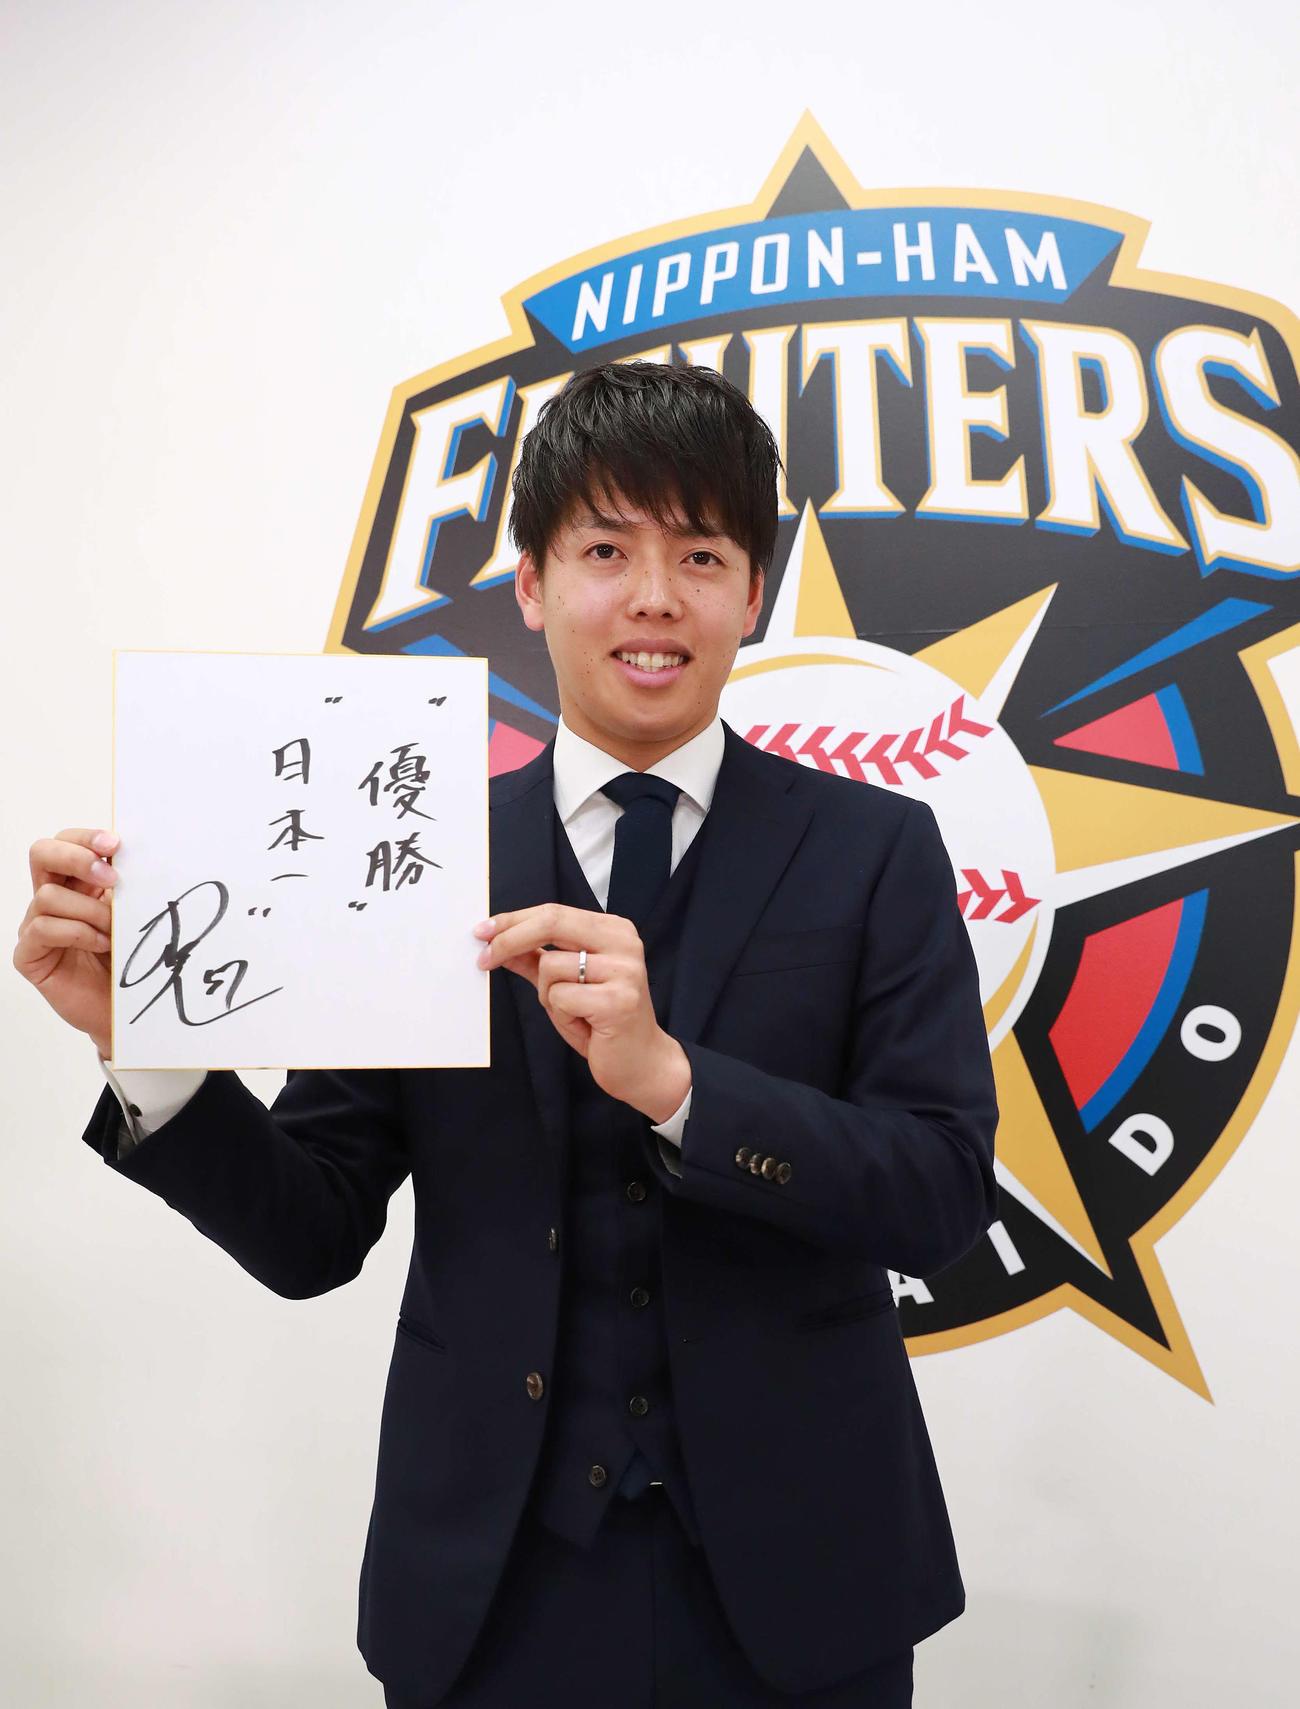 契約更改を終え、色紙に来年の目標「優勝 日本一」と書き記し日本ハム杉浦(代表撮影)